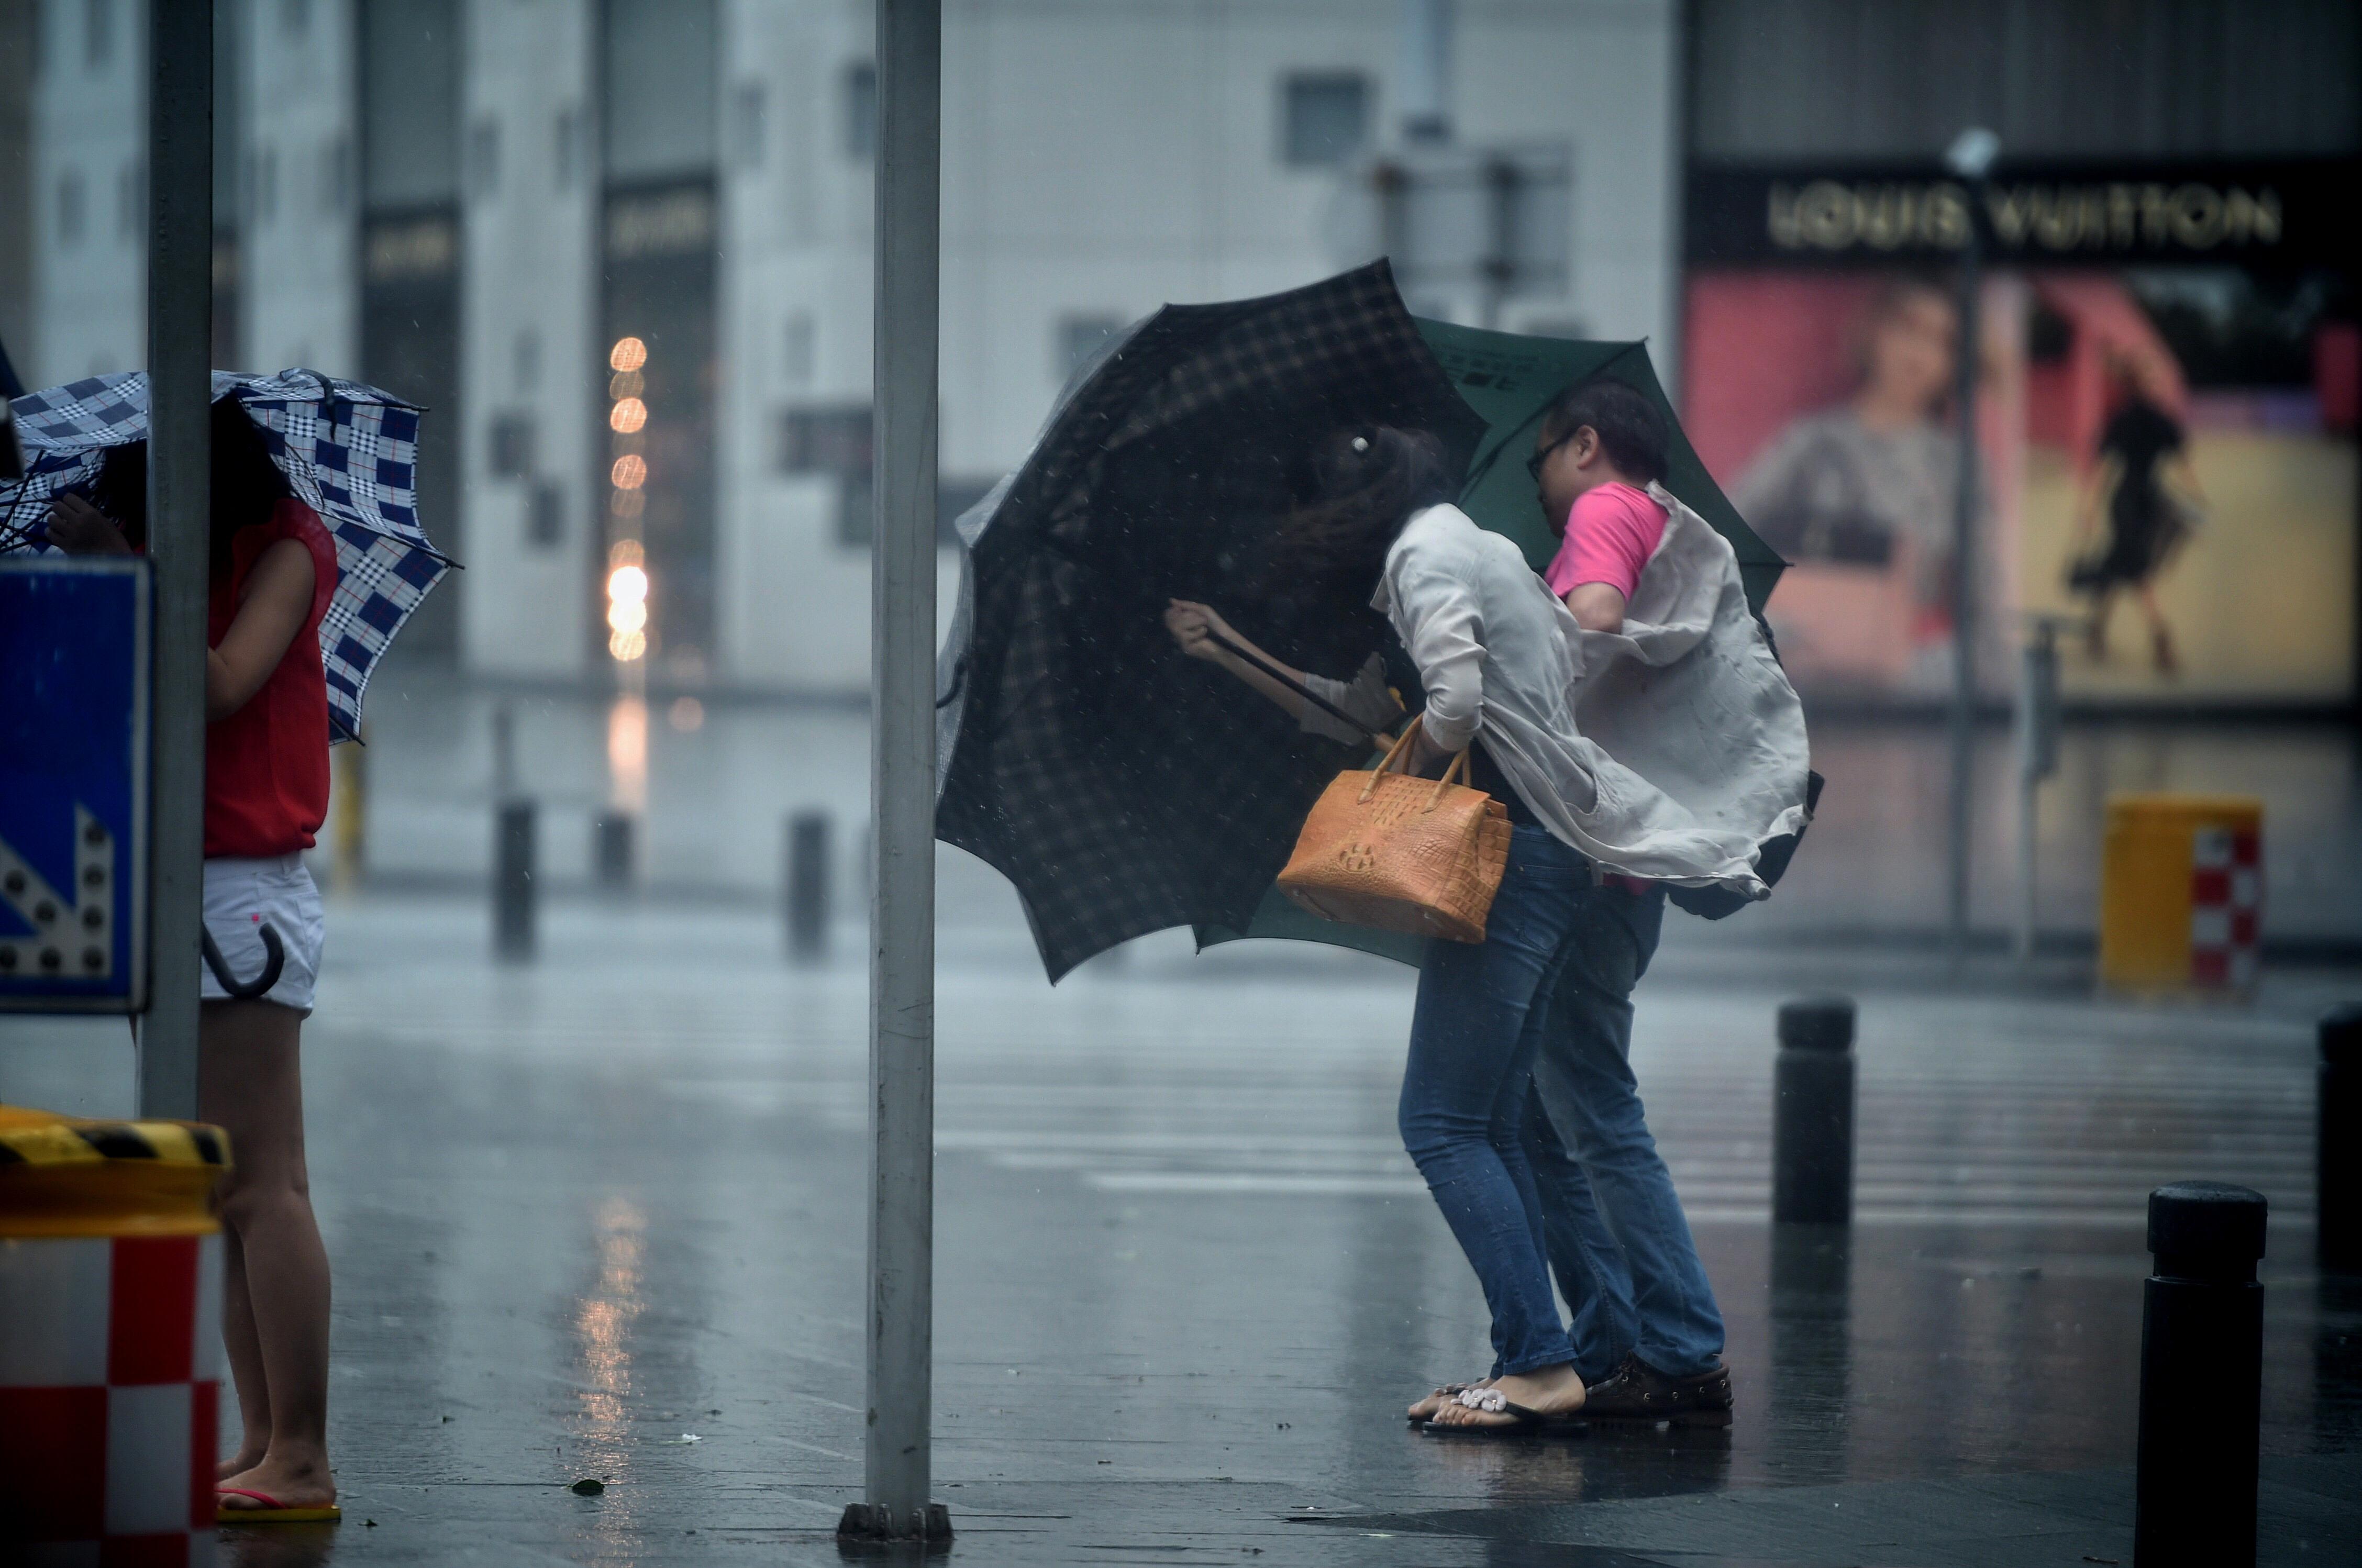 (160802) -- GUANGDONG, agosto 2, 2016 (Xinhua) -- Peatones intentan cruzar una calle a pesar del fuerte viento en Shenzhen, en la provincia de Guangdong, en el sur de China, el 2 de agosto de 2016. El tifón Nida tocó tierra a las 3:35 horas del martes en la península Dapeng de la ciudad de Shenzhen, en la provincia de Guangdong, en el sur de China, informaron las autoridades meteorológicas locales. El fuerte tifón, con vientos de hasta 151.2 kilómetros por hora, se está desplazando hacia el noroeste con una velocidad de 25 kilómetros por hora, y está previsto que azote las ciudades de Shenzhen, Dongguan, Guangzhou, Foshan y Zhaoqing, así como la vecina región autónoma de la etnia zhuang de Guangxi, según las autoridades meteorológicas provinciales de Guangdong. (Xinhua/Mao Siqian) (ah)